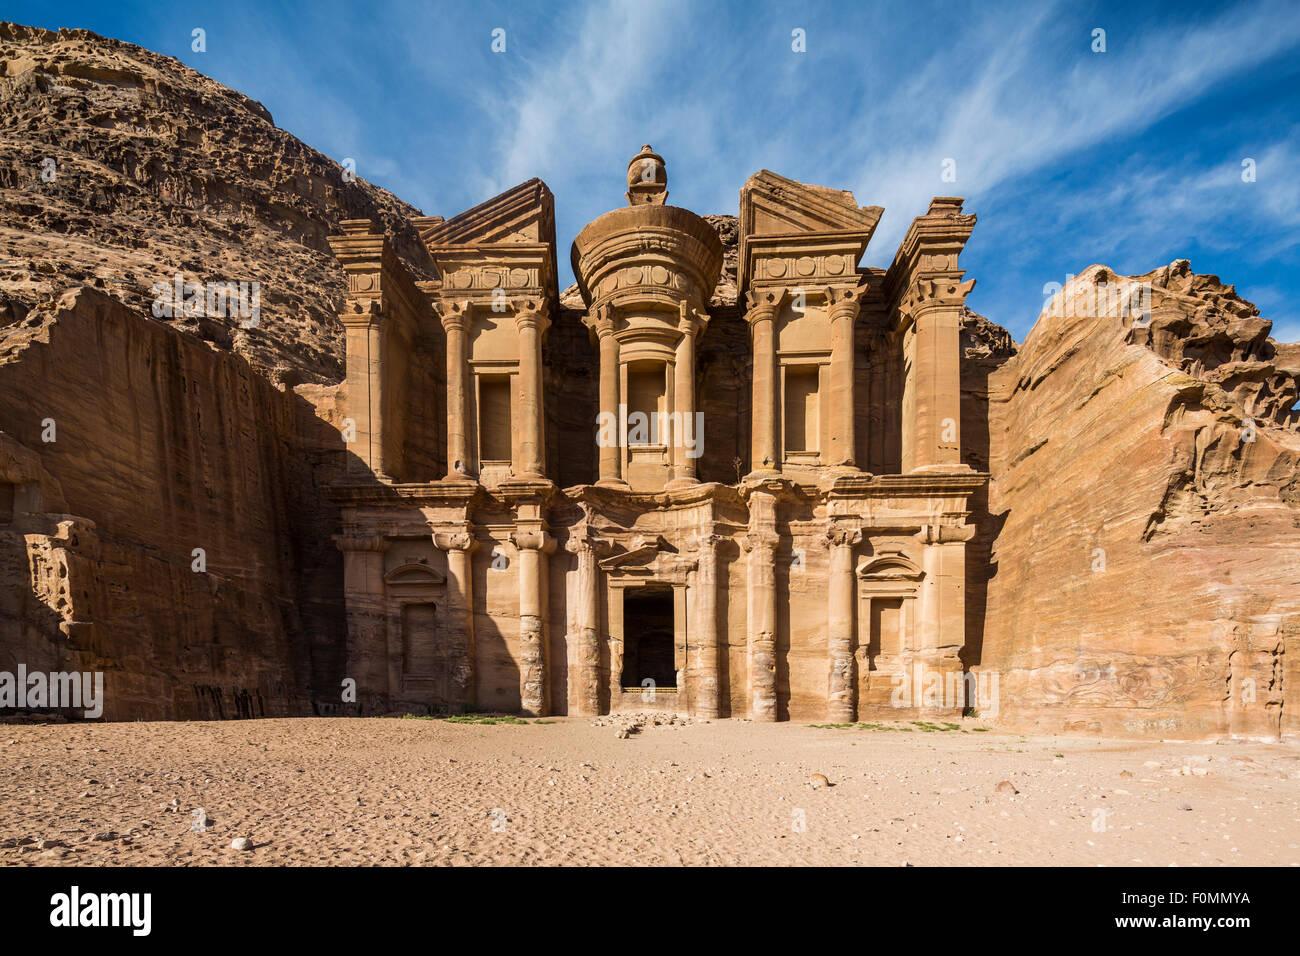 El Deir, el Monasterio, Petra, Jordania. Imagen De Stock